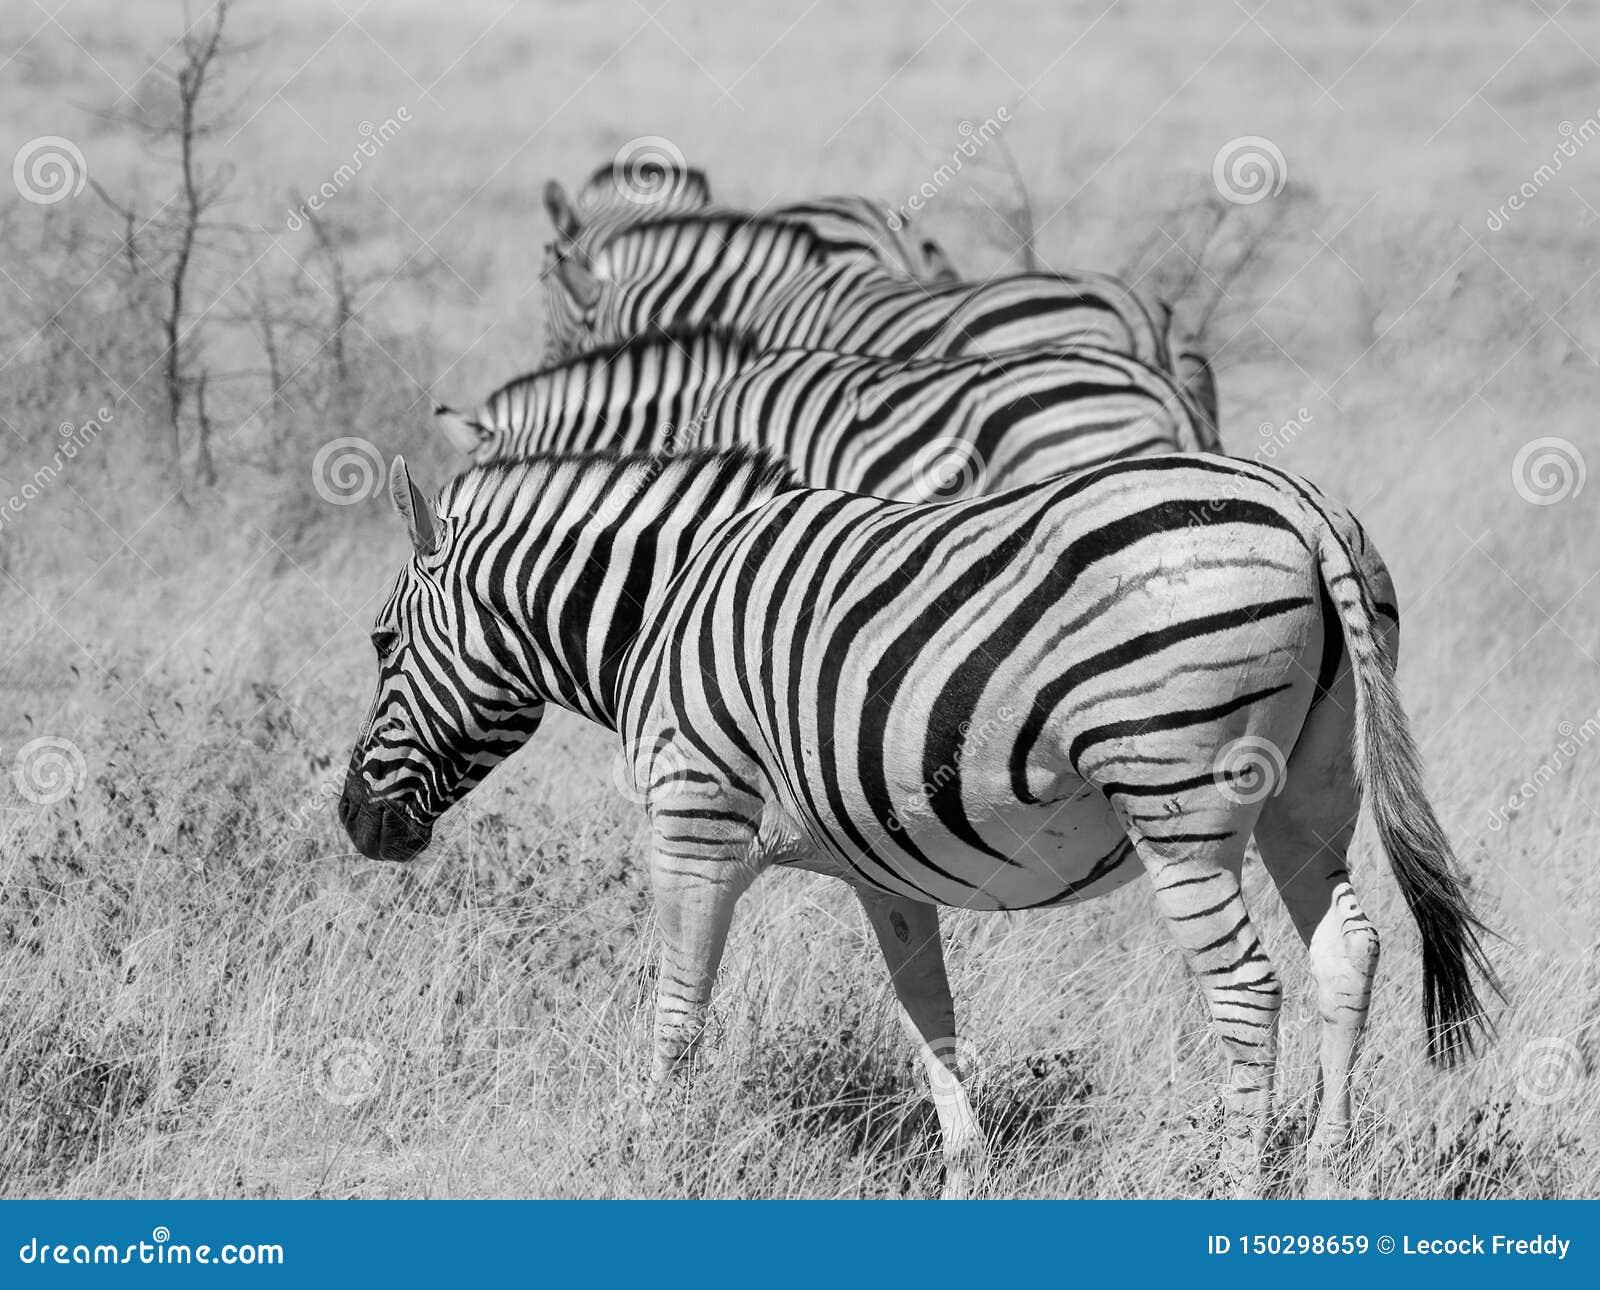 Four zebras in a row